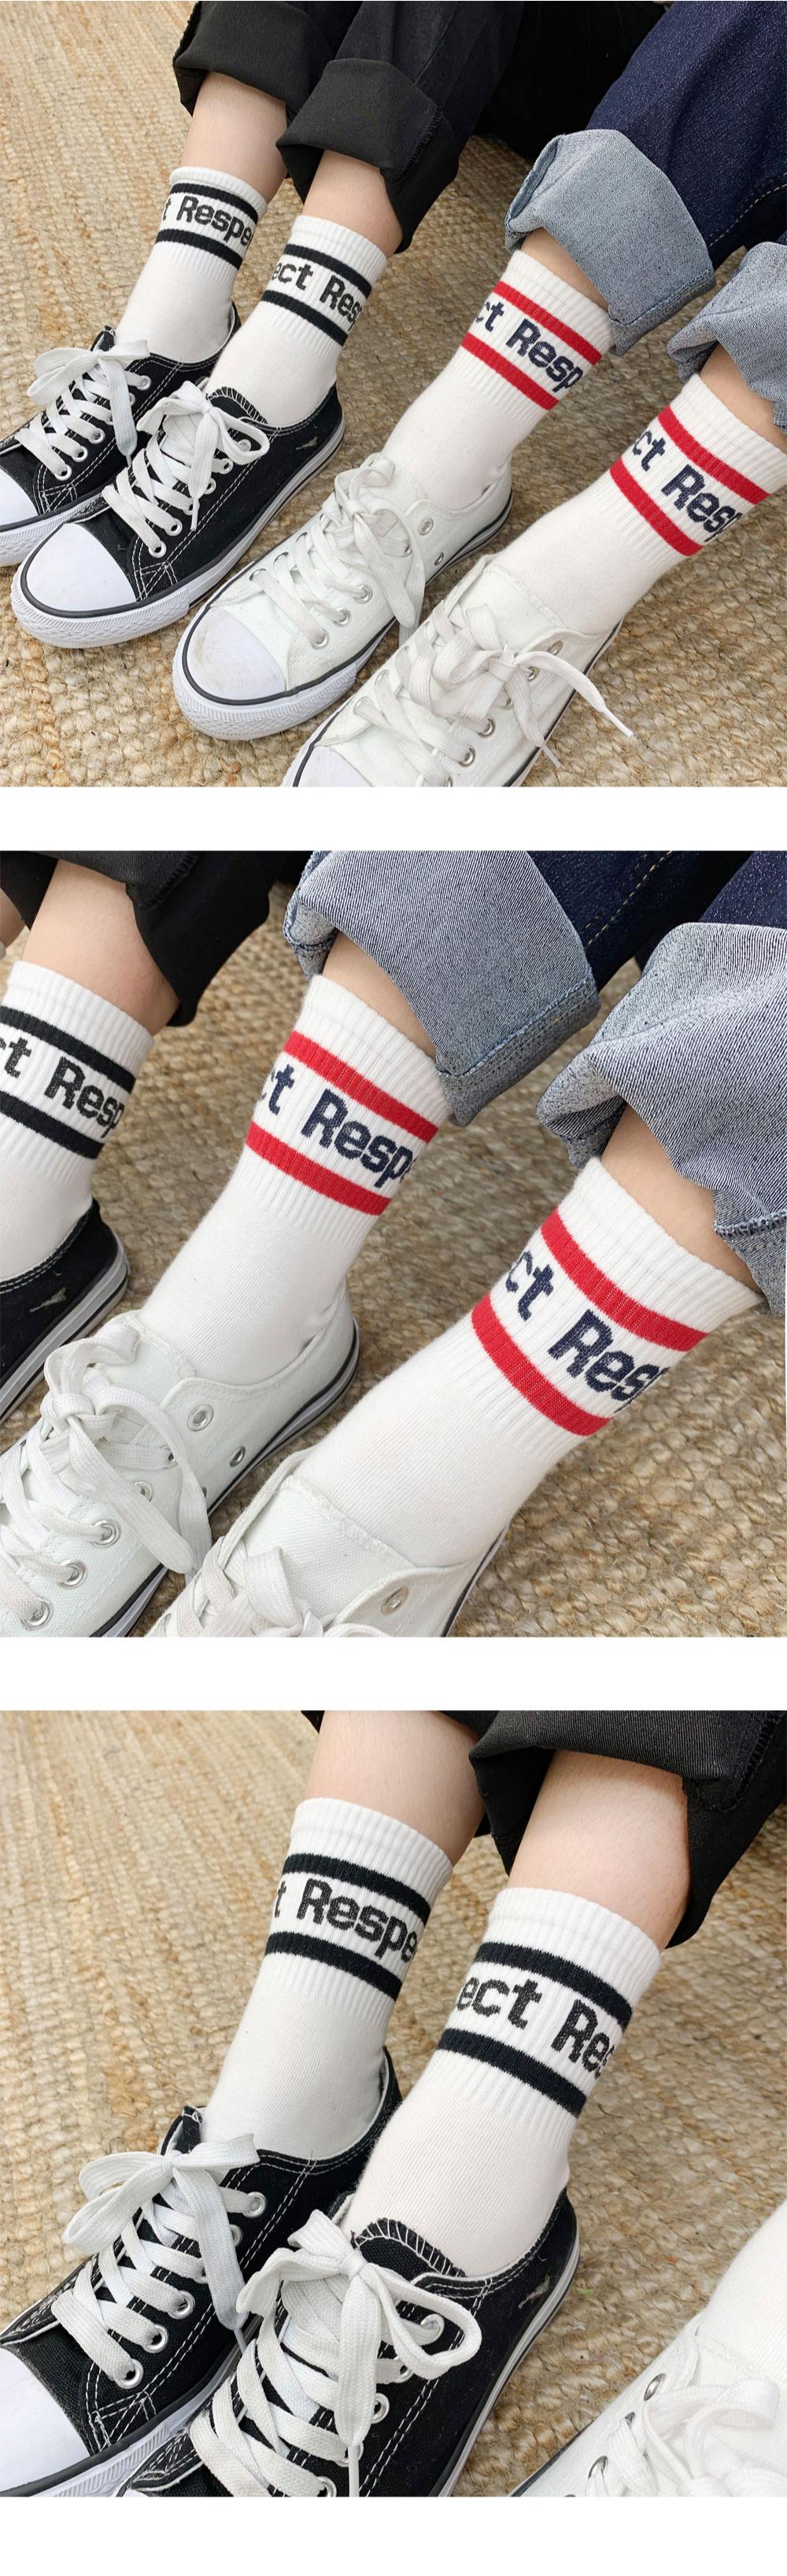 Respect Socks